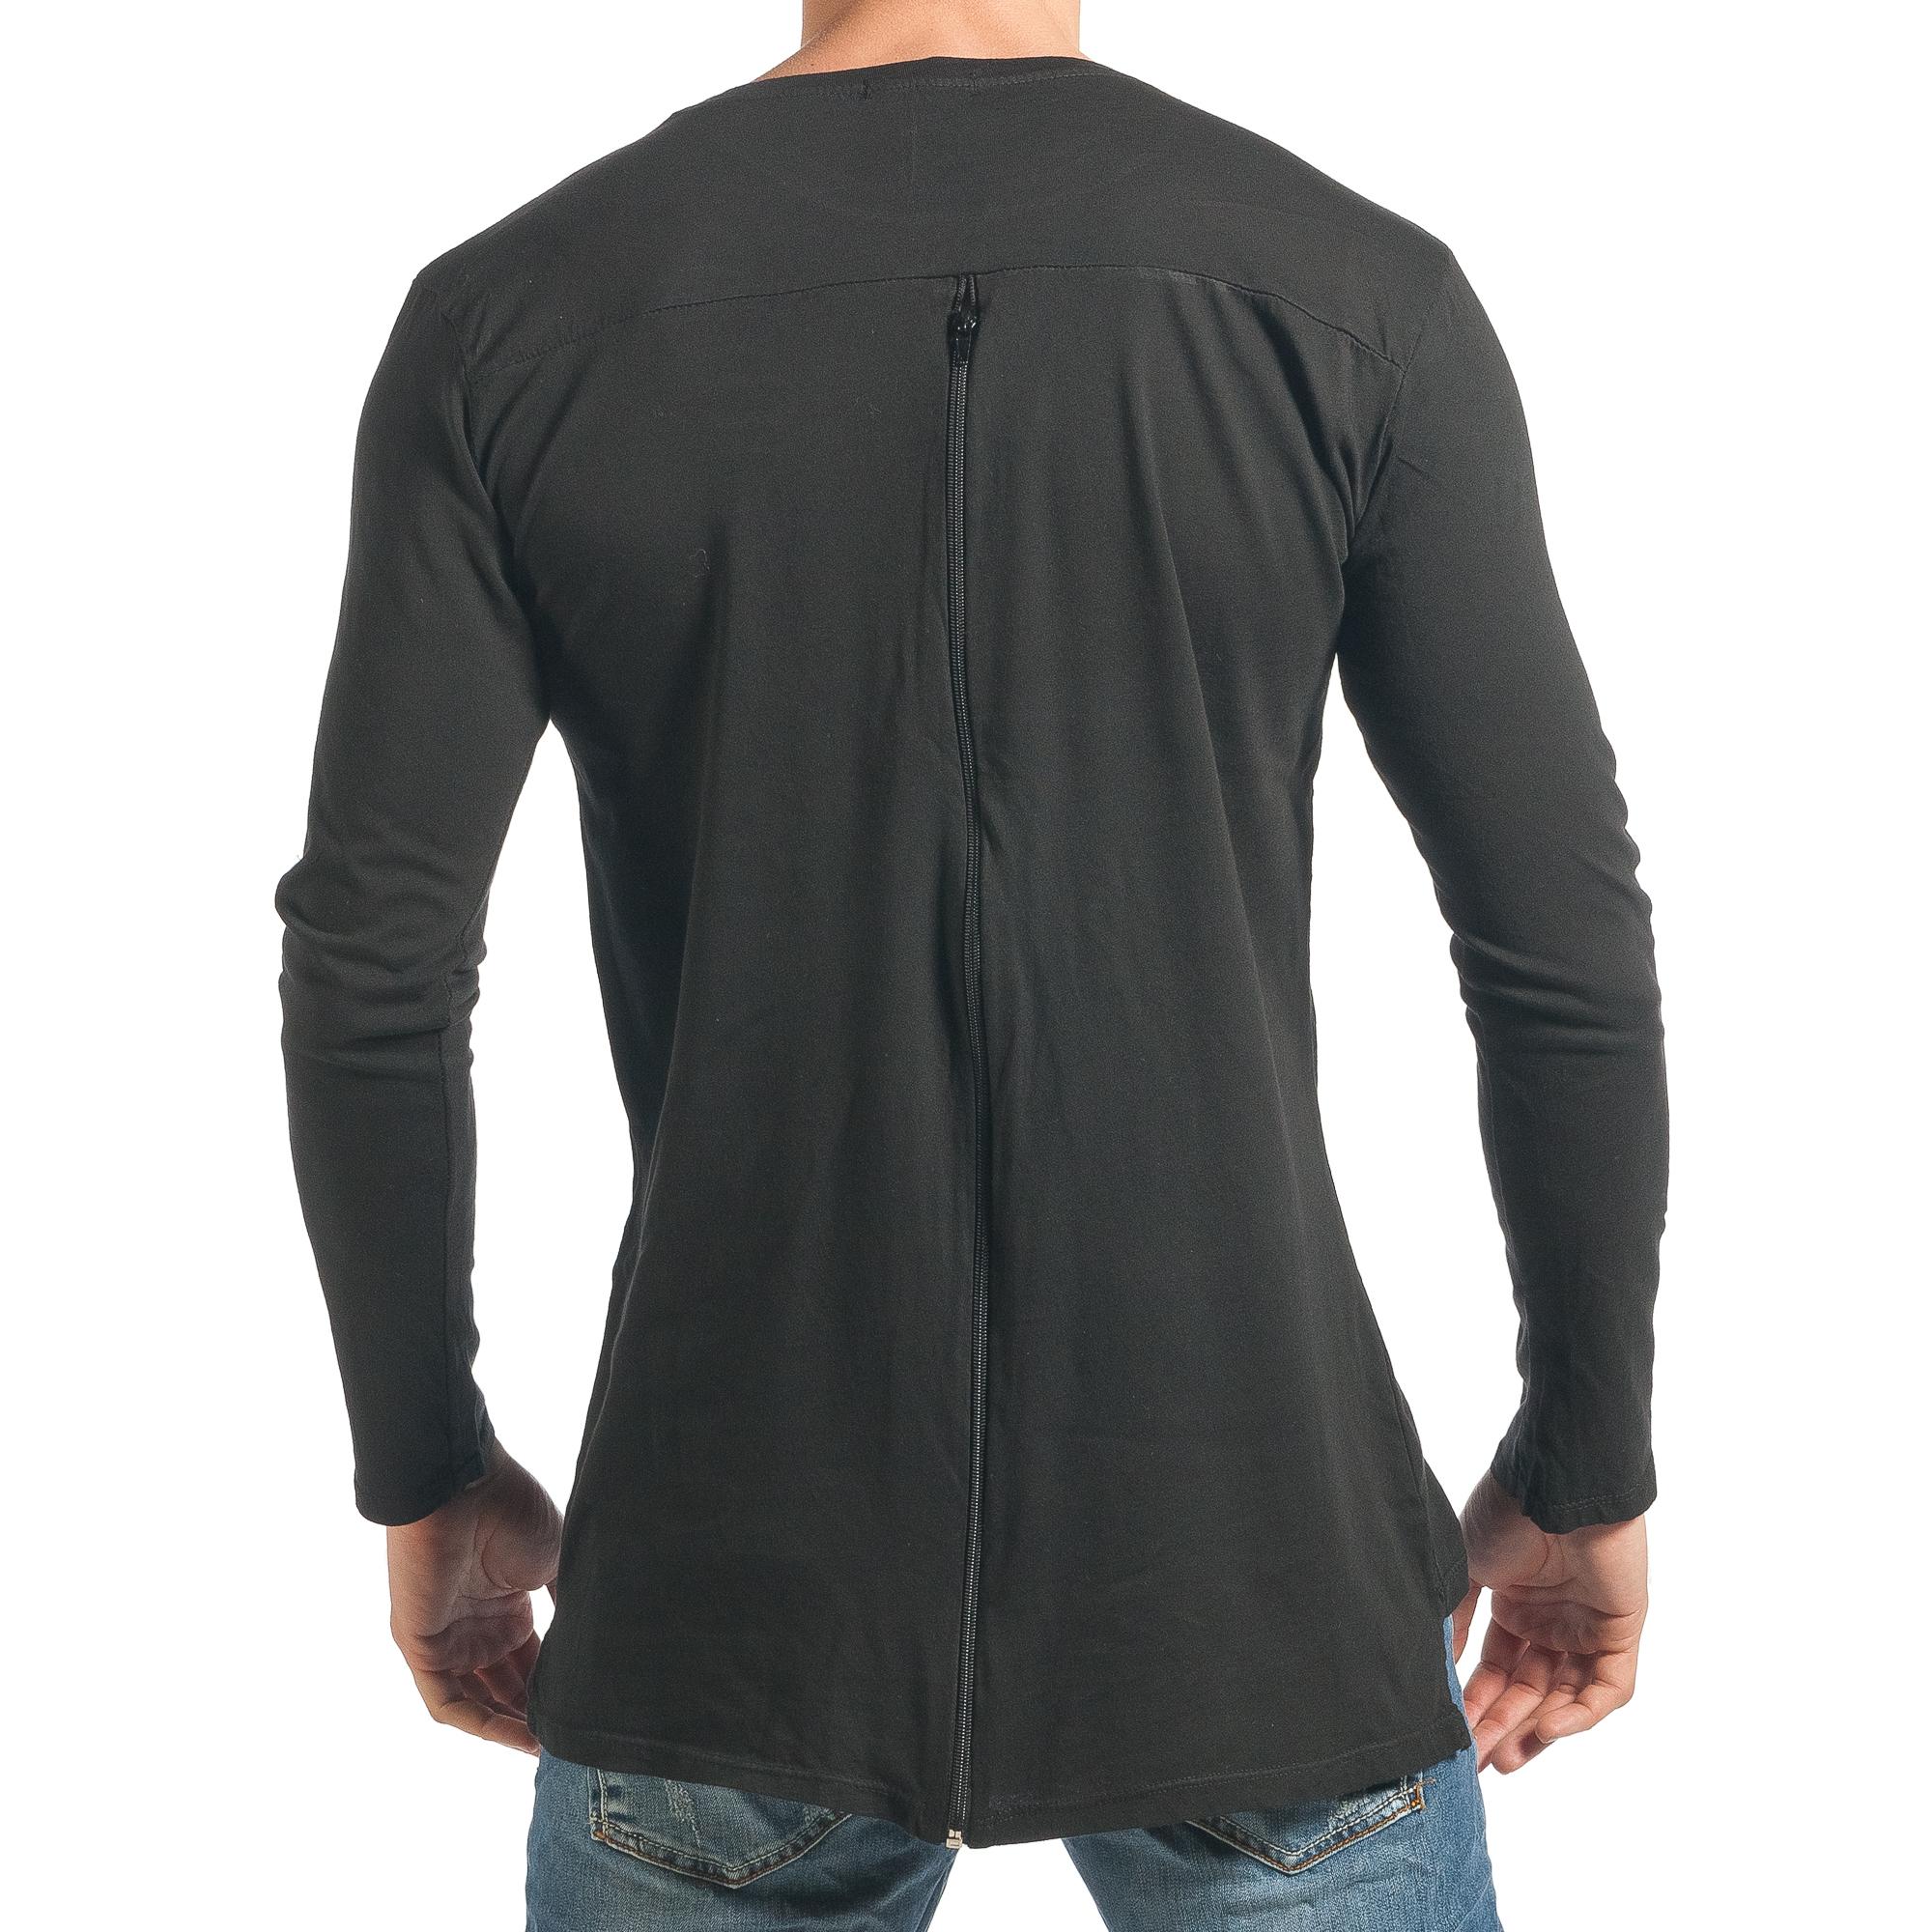 Ανδρική μαύρη μπλούζα Duca Homme